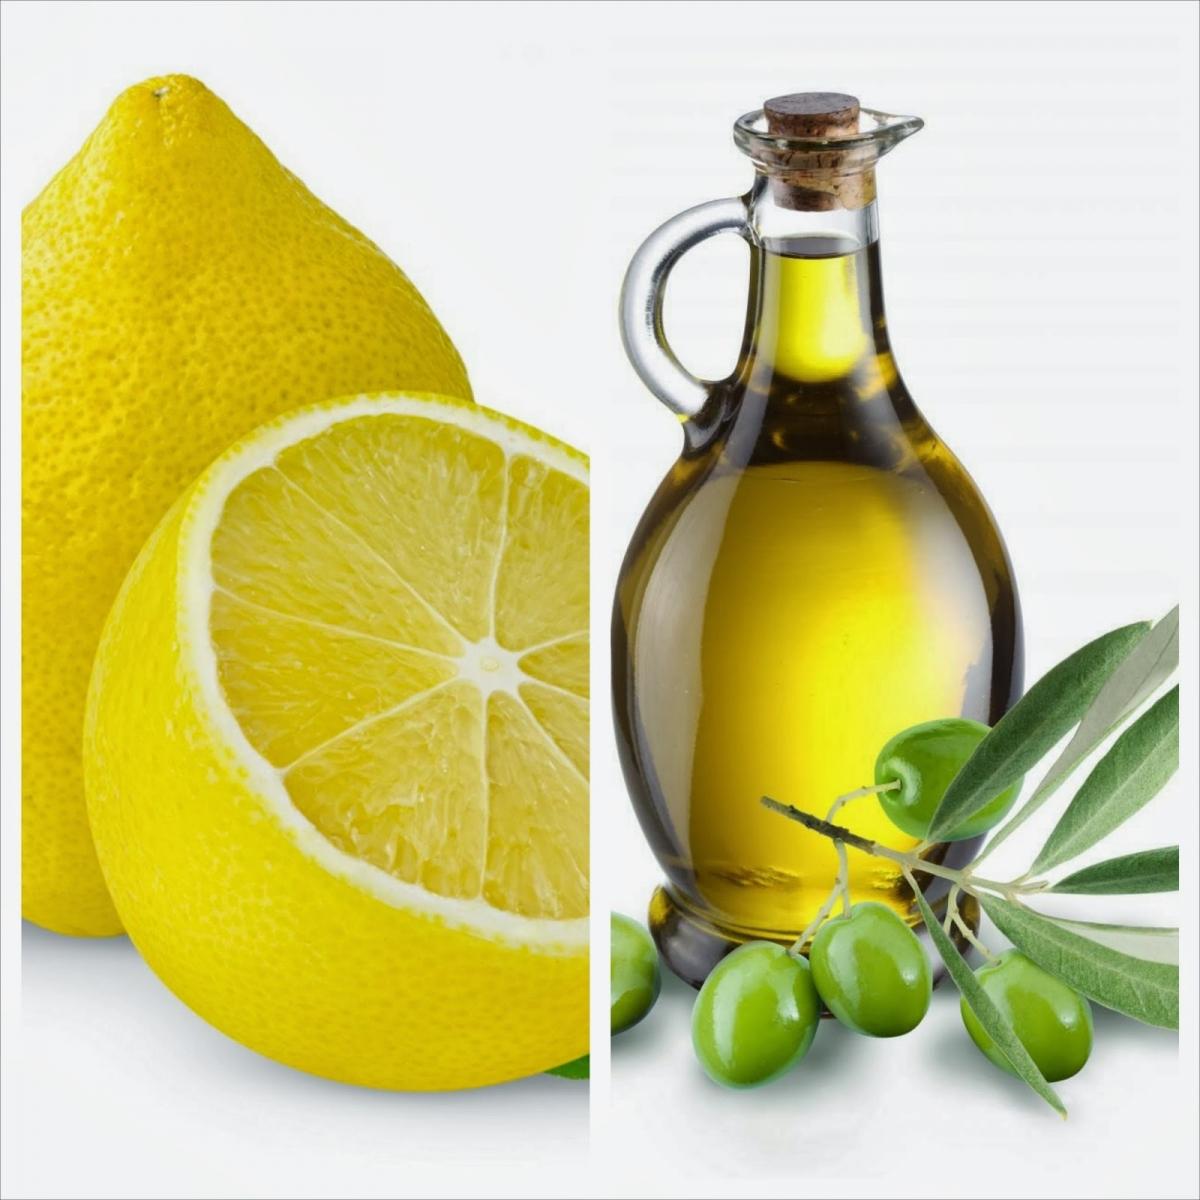 Dầu oliu và chanh giúp làm sạch bề mặt tủ lạnh